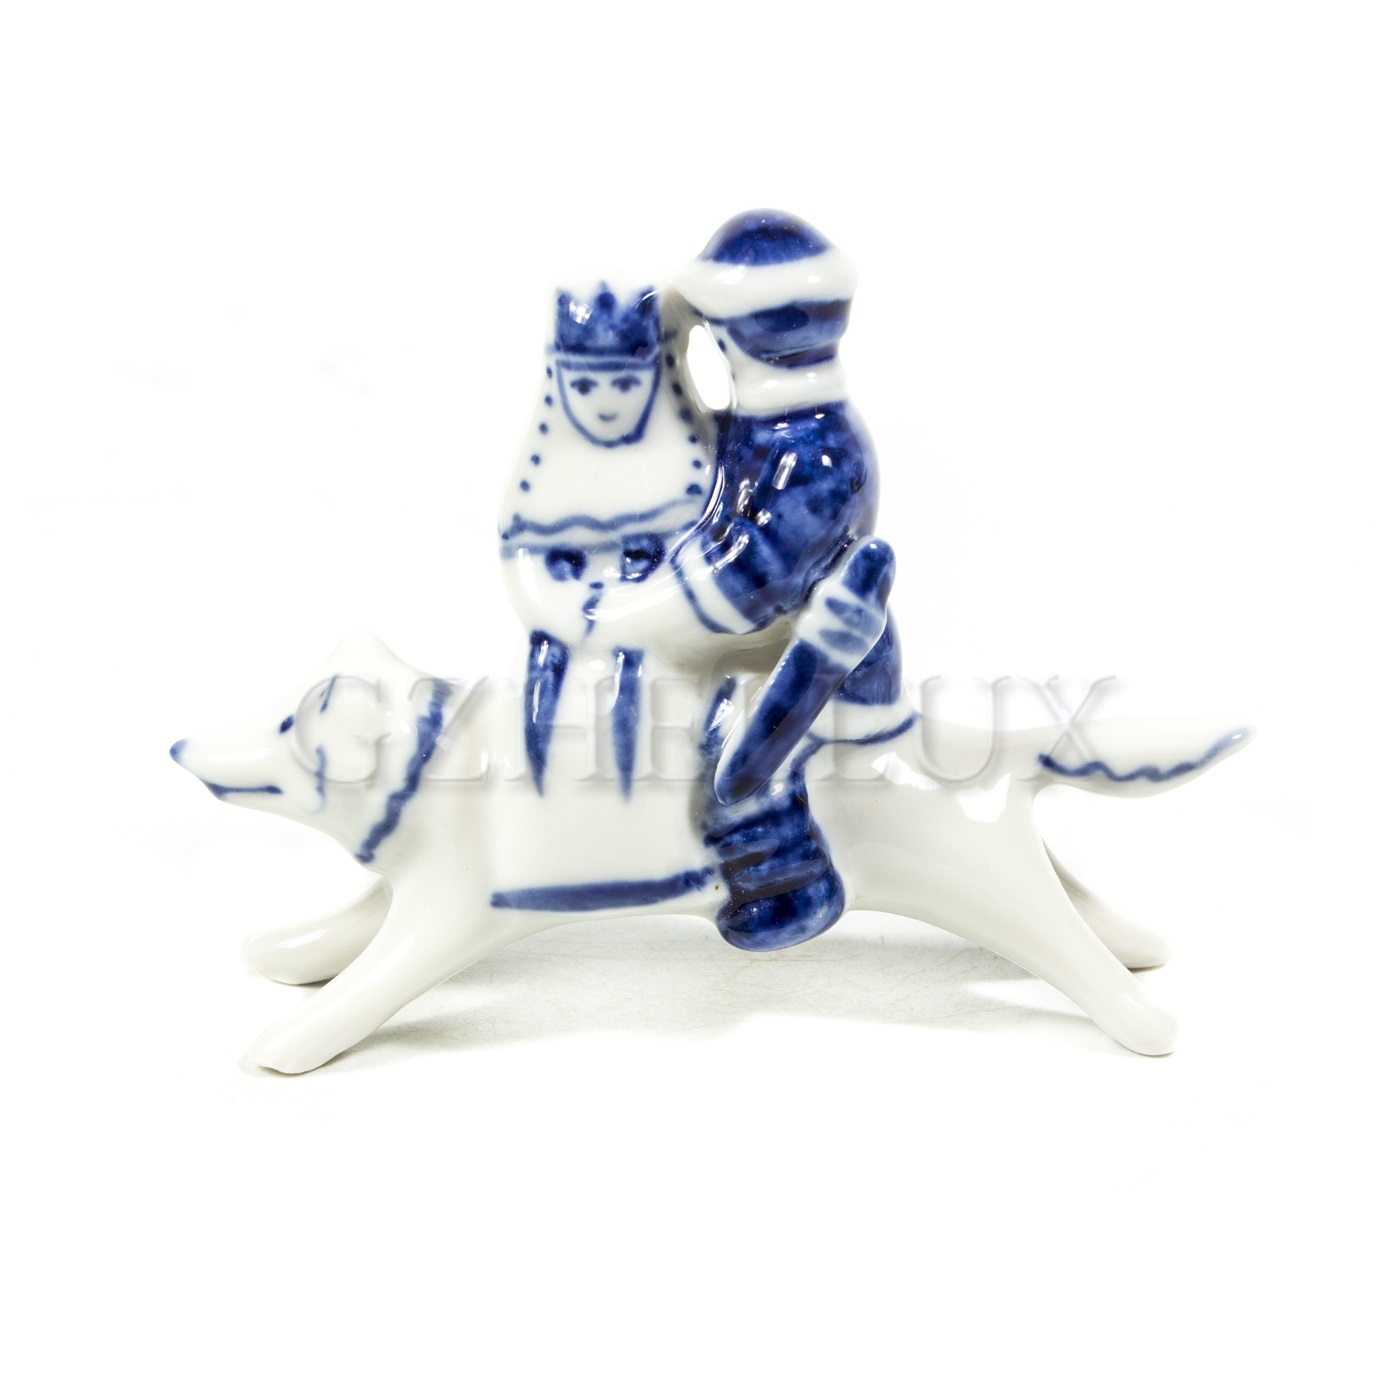 Скульптура «Иван-Царевич» малая